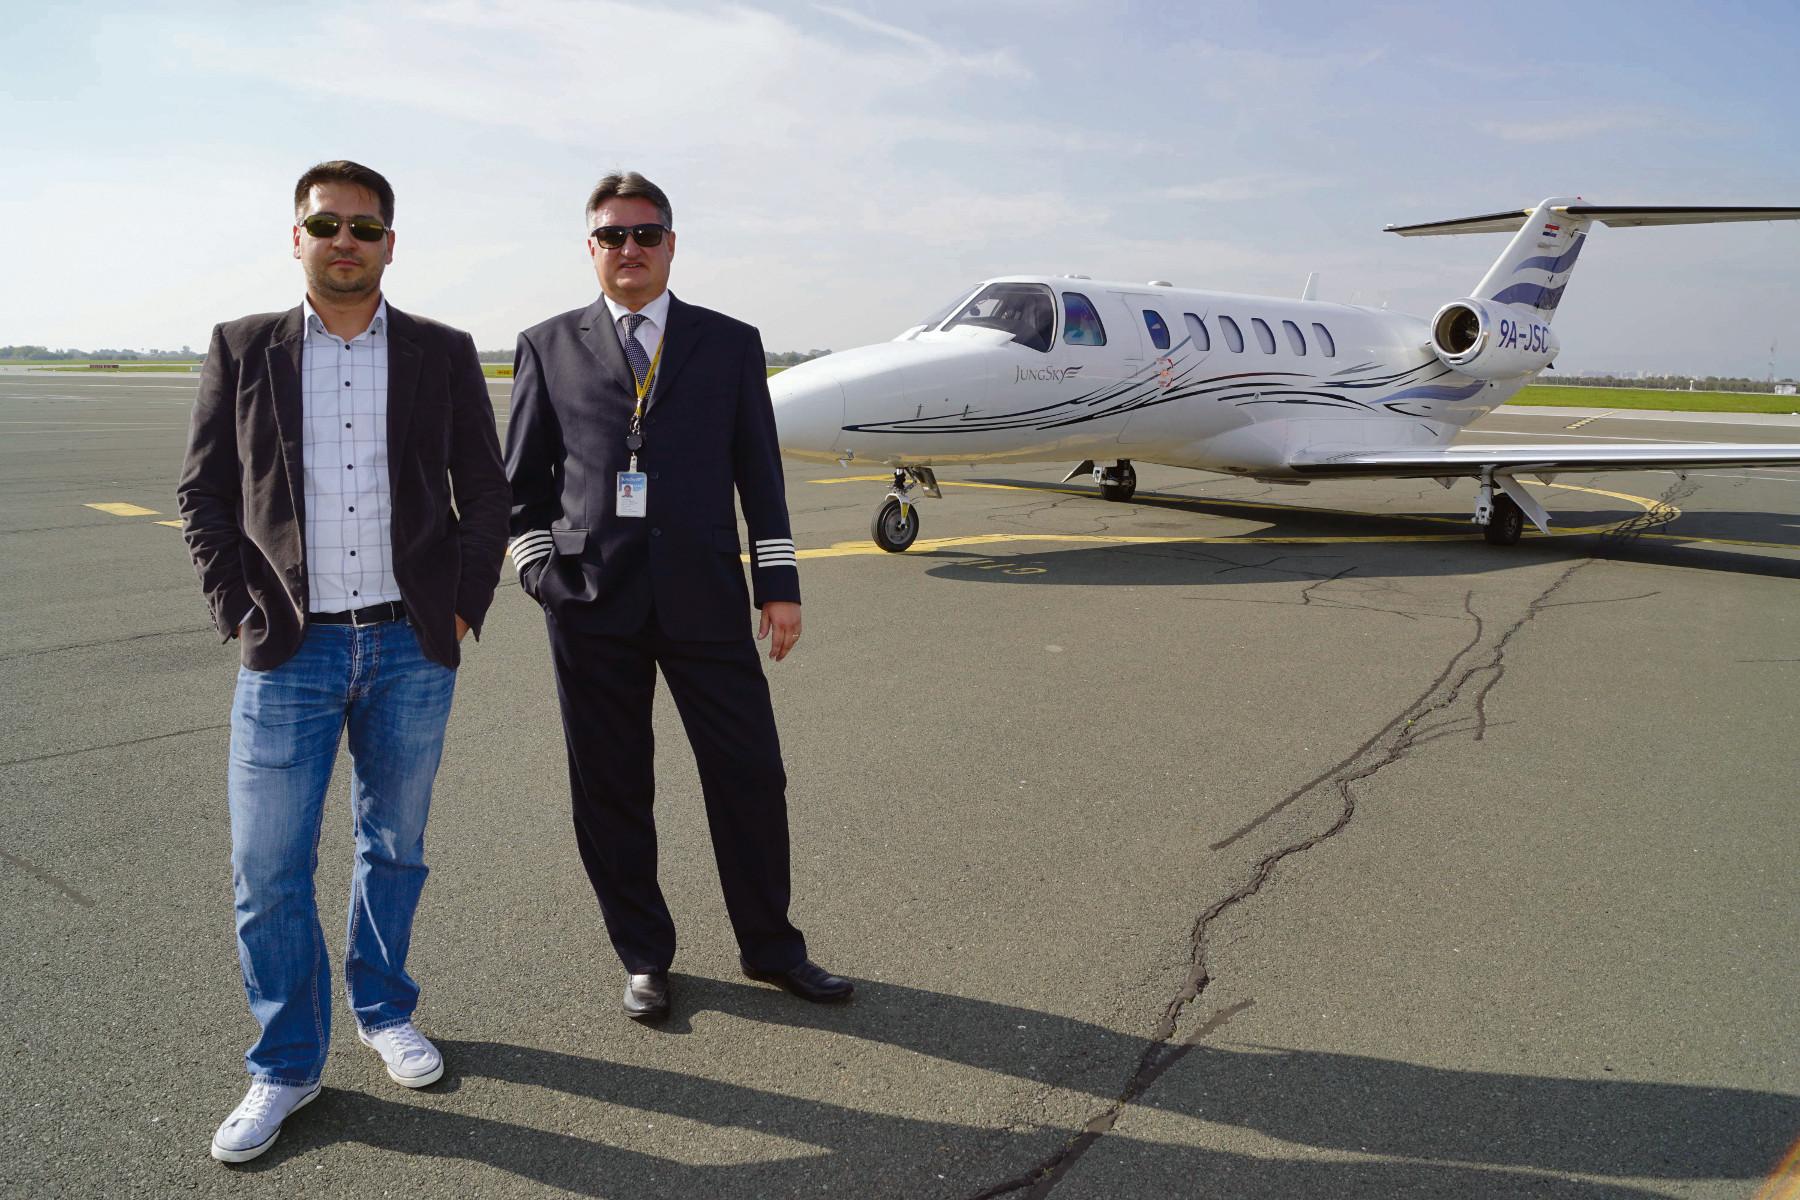 Domaća aviokompanija Jung Sky, Vedran Jung, COO i IT menadžer (lijevo), Krešimir Jung, glavni direktor (CEO) (desno)